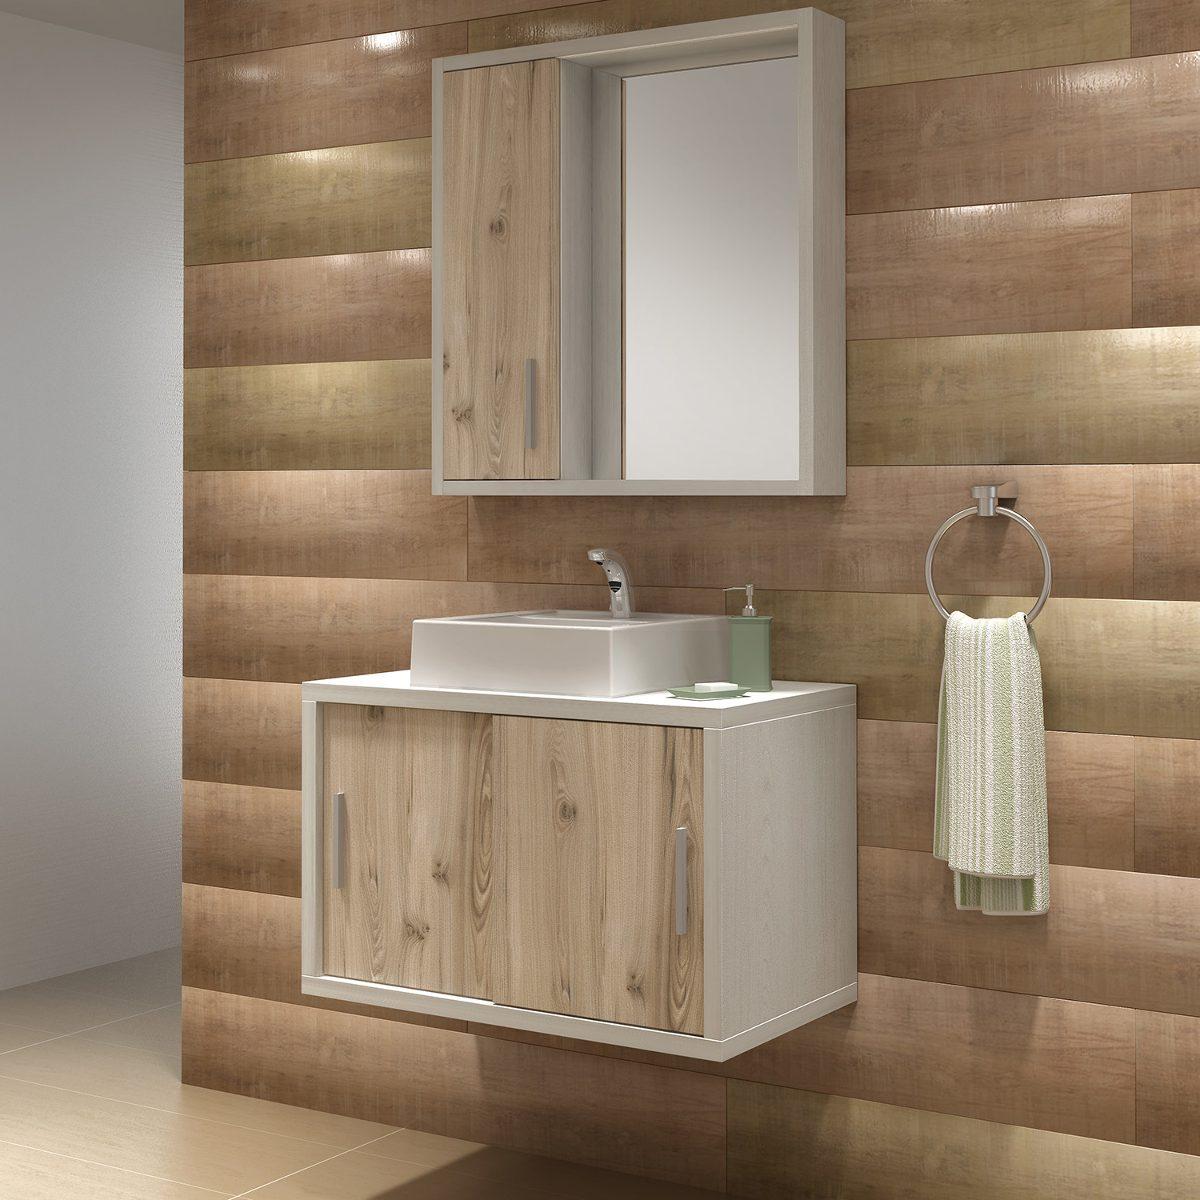 Gabinete Para Banheiro Com Espelheira Balcony Qatar 80 Cuba  R$ 948,60 em Me -> Cuba Banheiro Amoedo